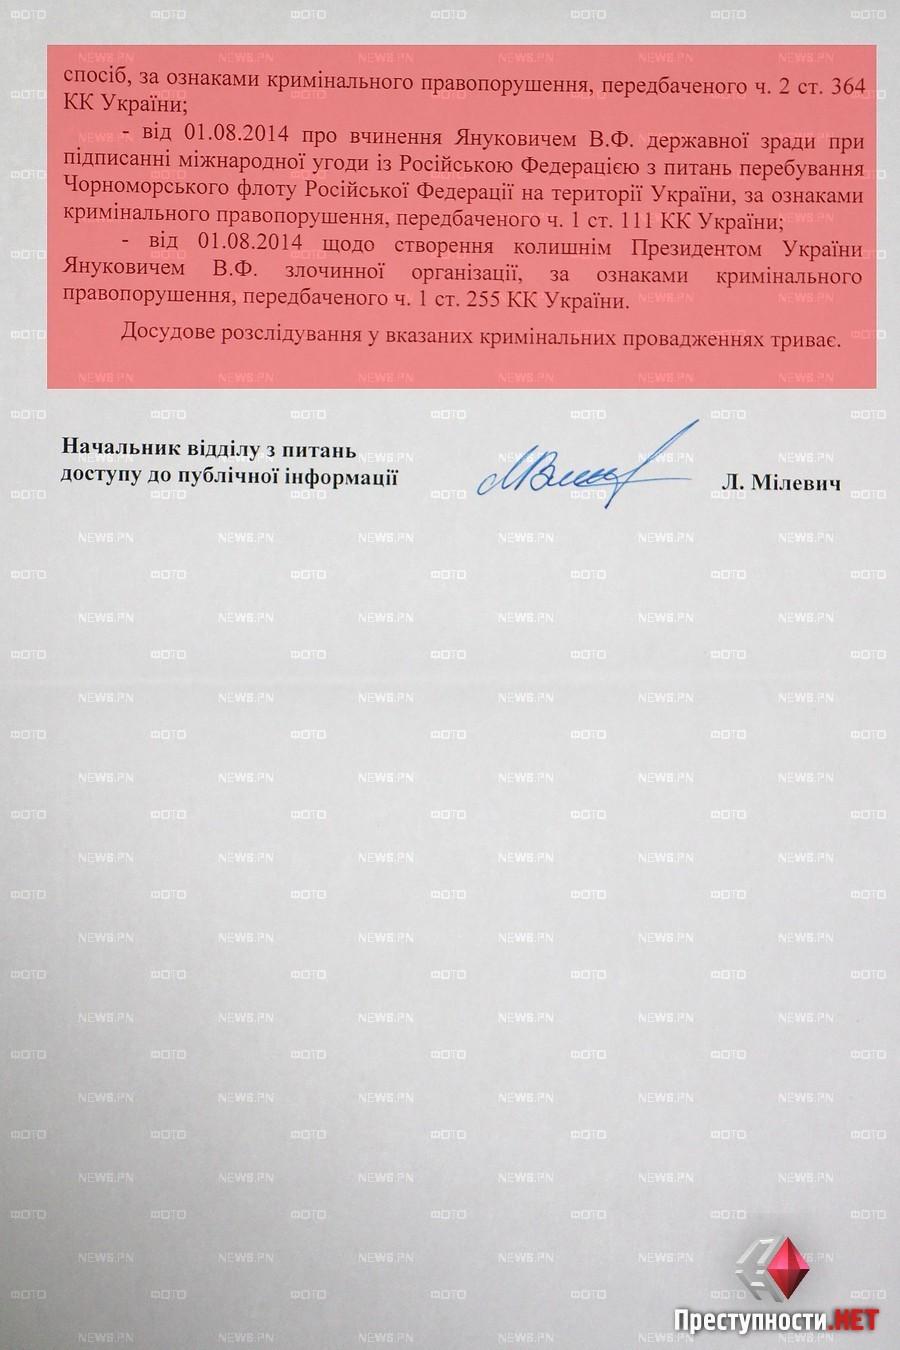 Против Януковича открыто дело за харьковские соглашения - СМИ